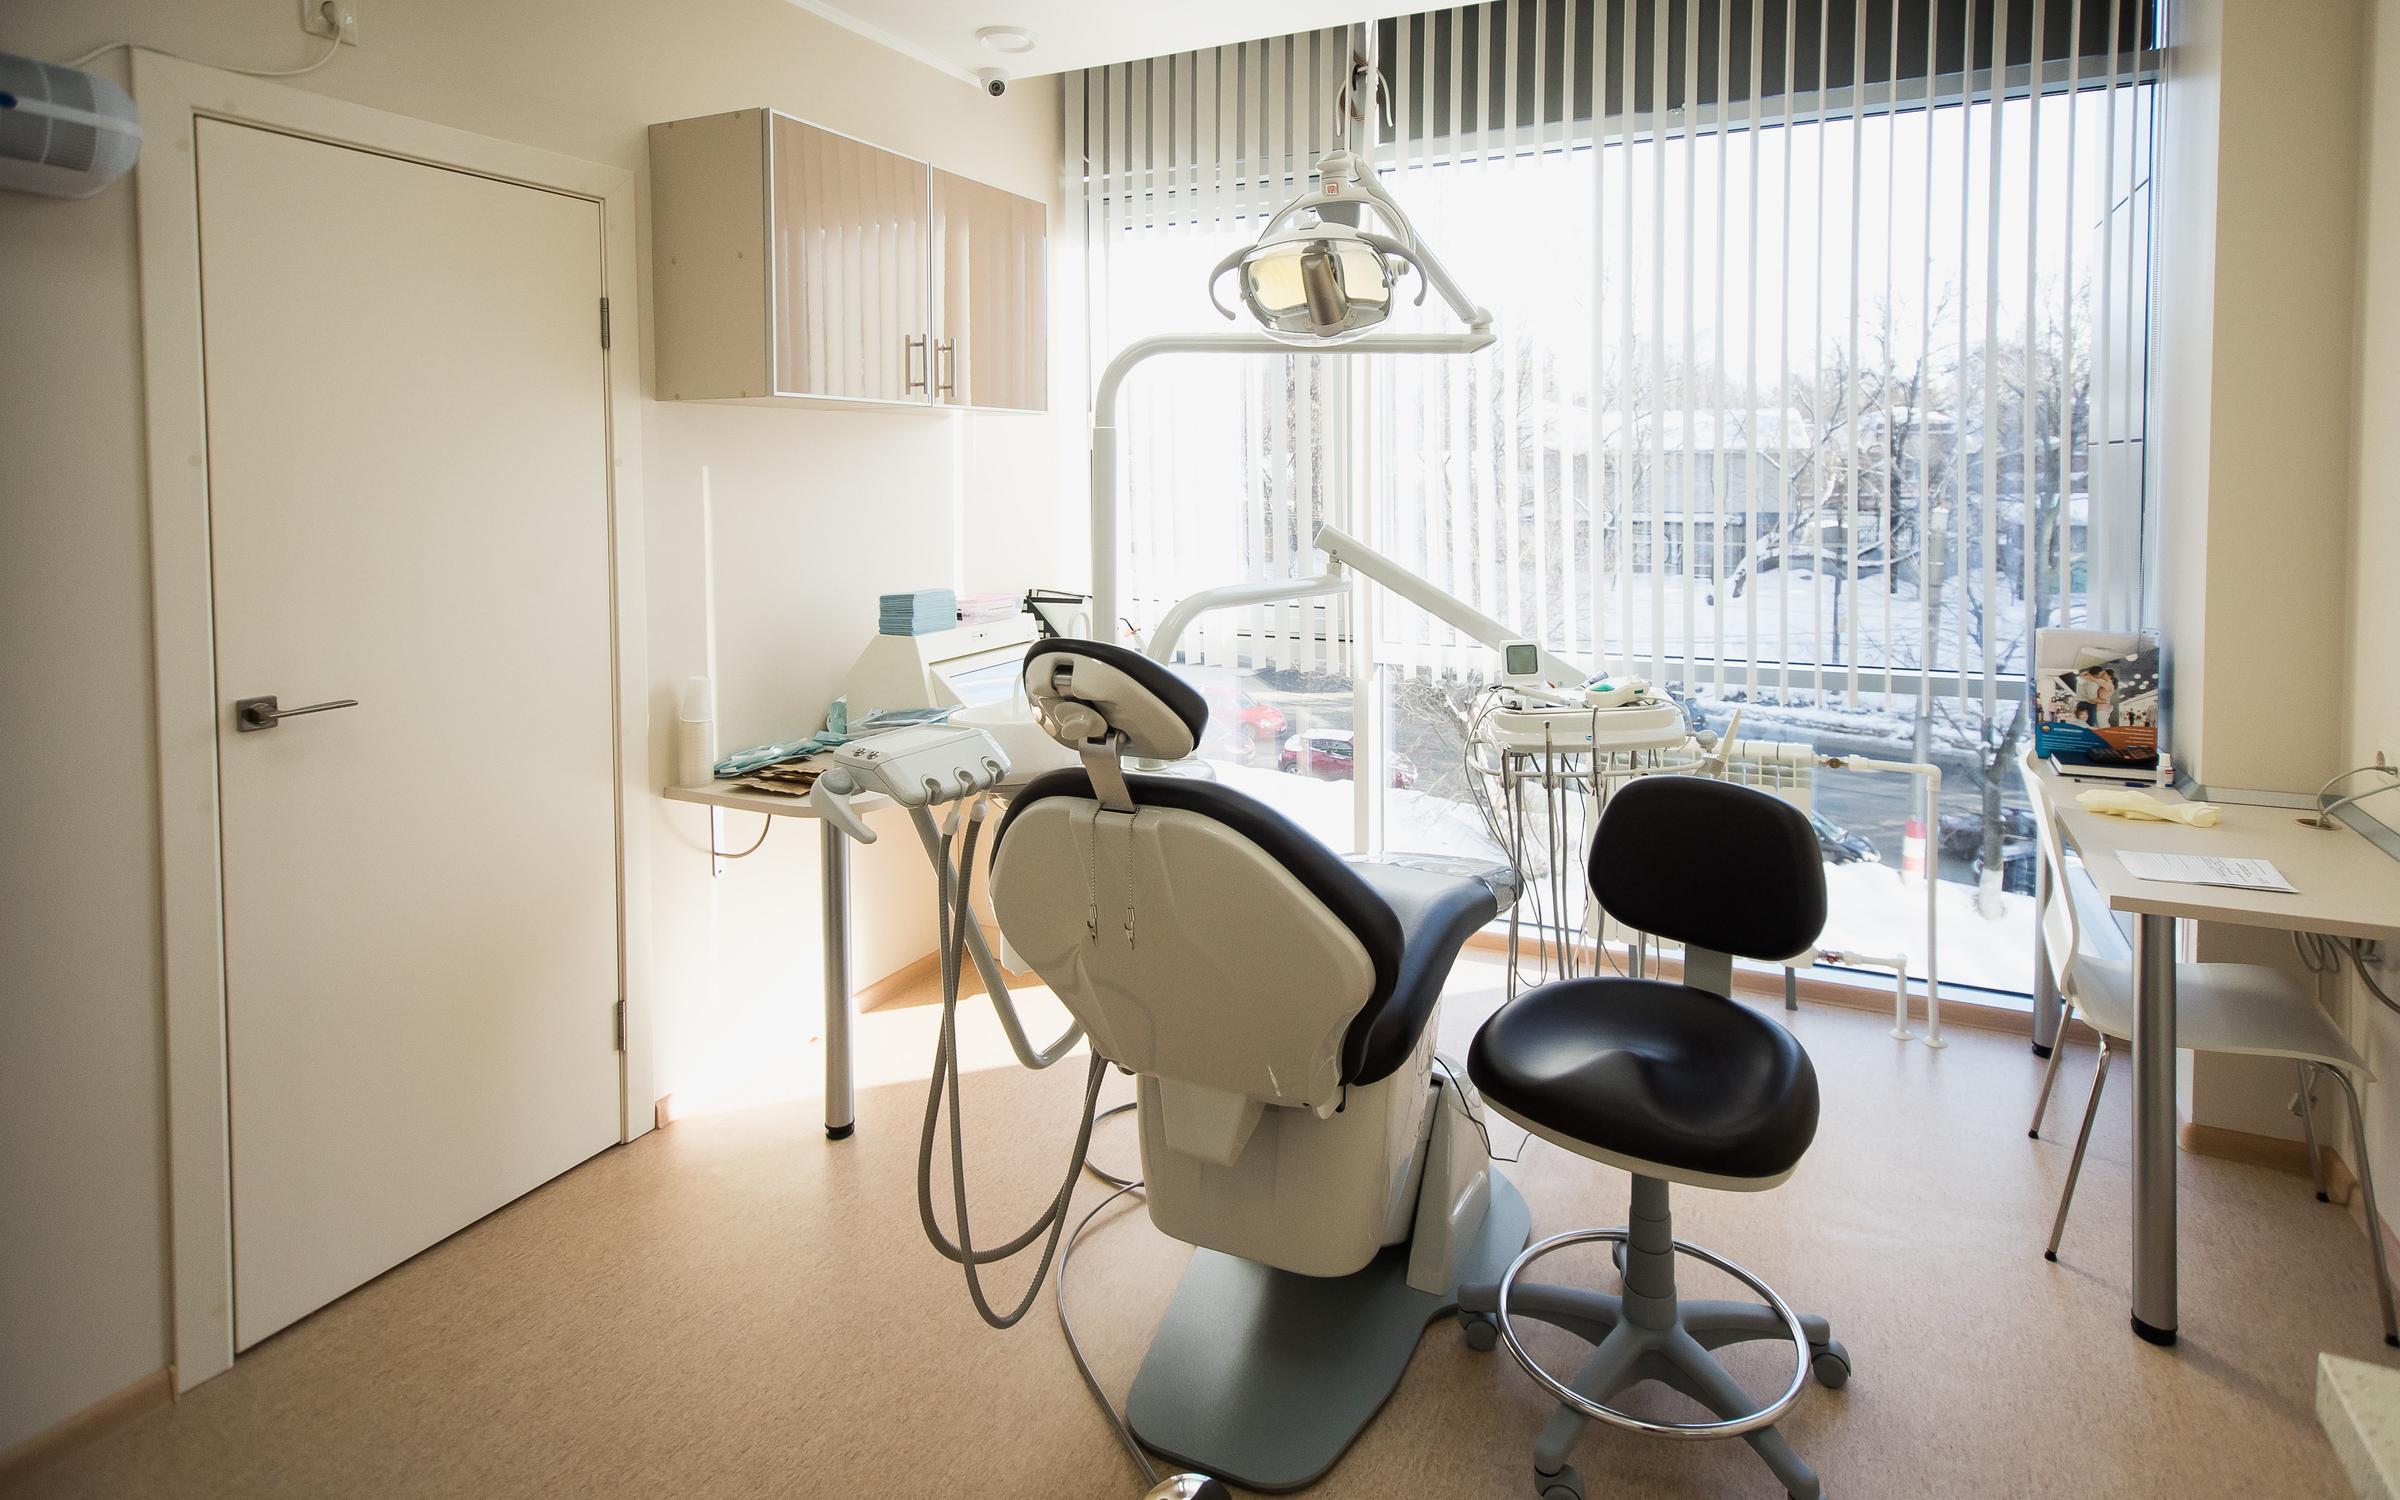 фотография Стоматологической клиники ГеКо-плюс на Сенной площади